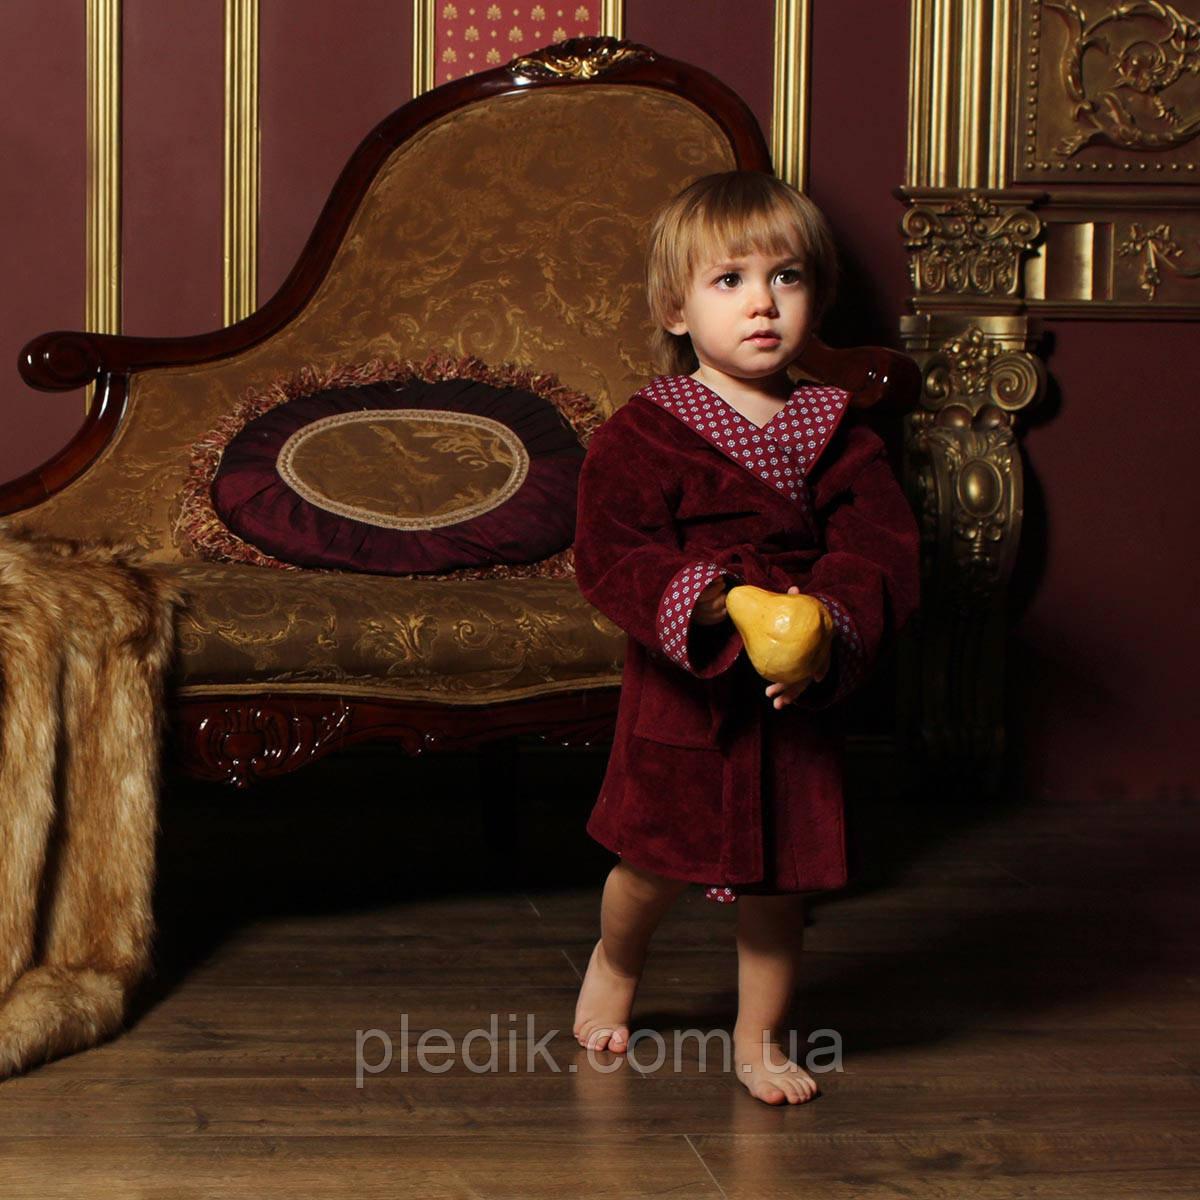 Халат детский махровый для мальчика FLAVIO 2-3 года.